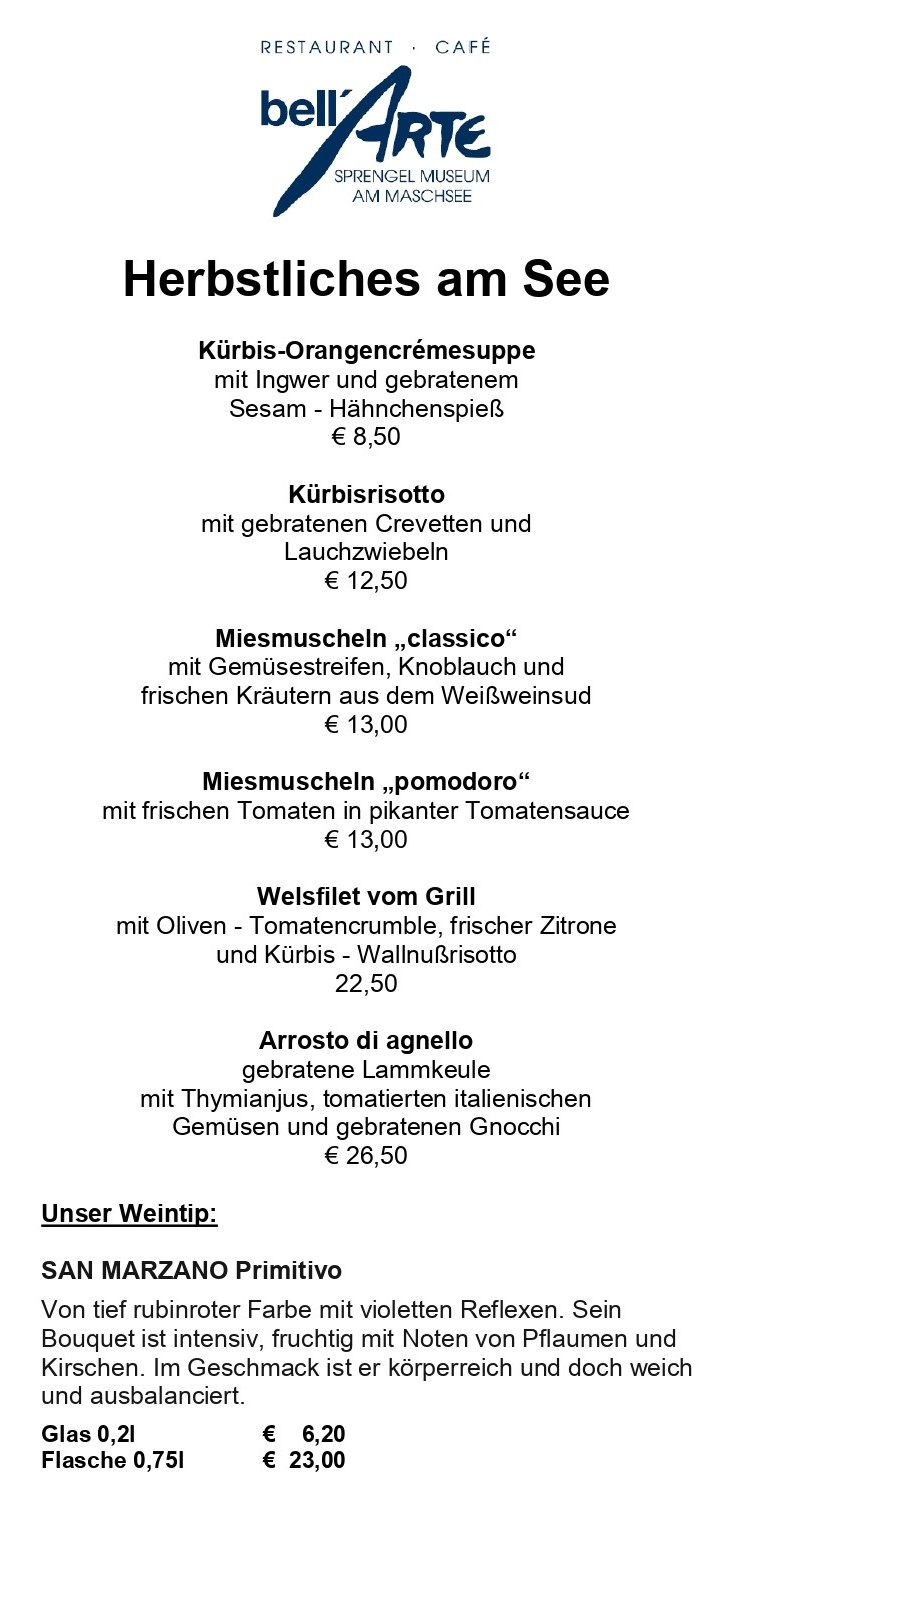 bell´ARTE im Sprengel Museum - Cafe und italienisches Restaurant in Hannover am Maschsee